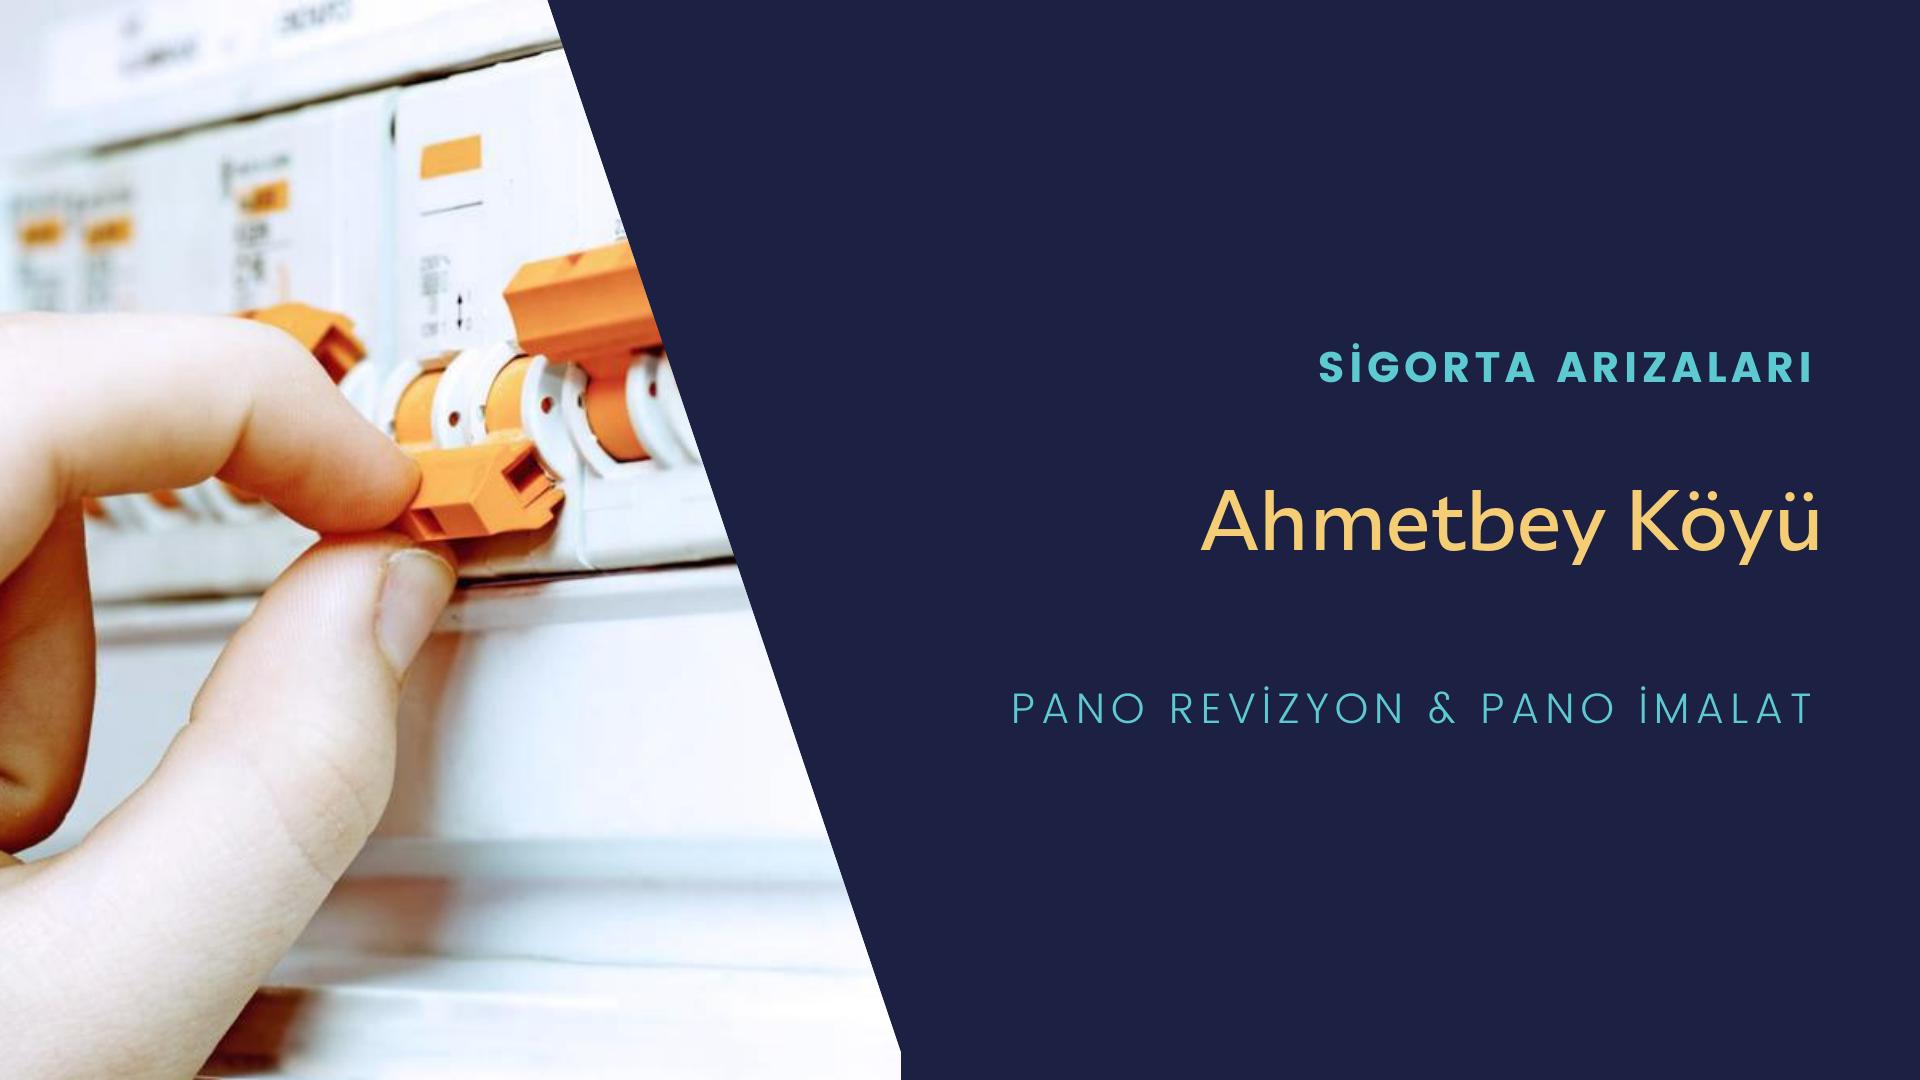 Ahmetbey Köyü Sigorta Arızaları İçin Profesyonel Elektrikçi ustalarımızı dilediğiniz zaman arayabilir talepte bulunabilirsiniz.